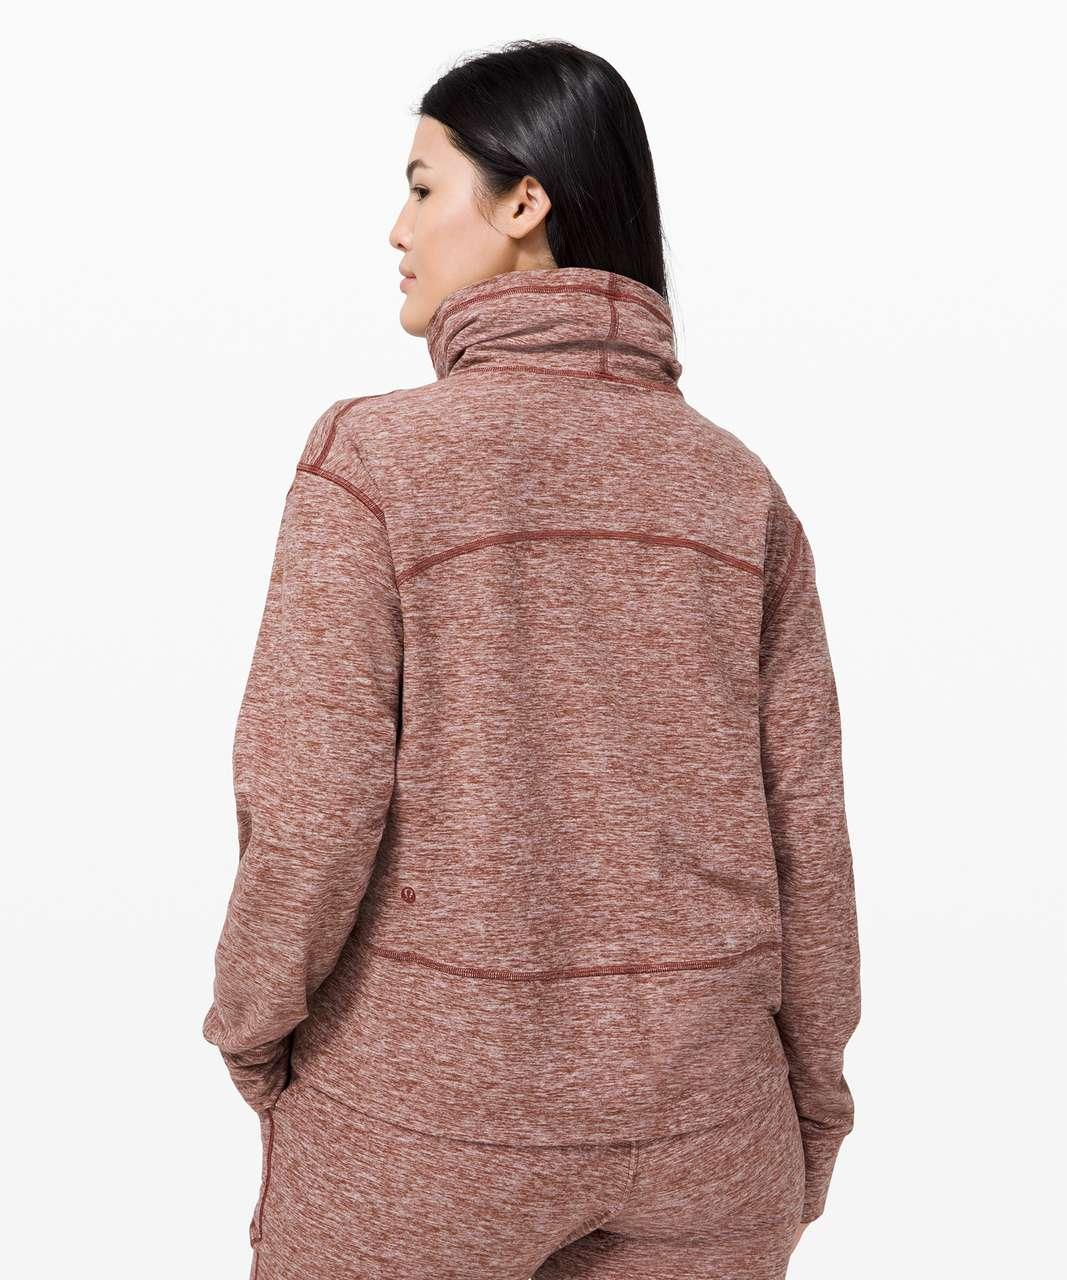 Lululemon Ready to Rulu Fleece Pullover - Heathered Savannah